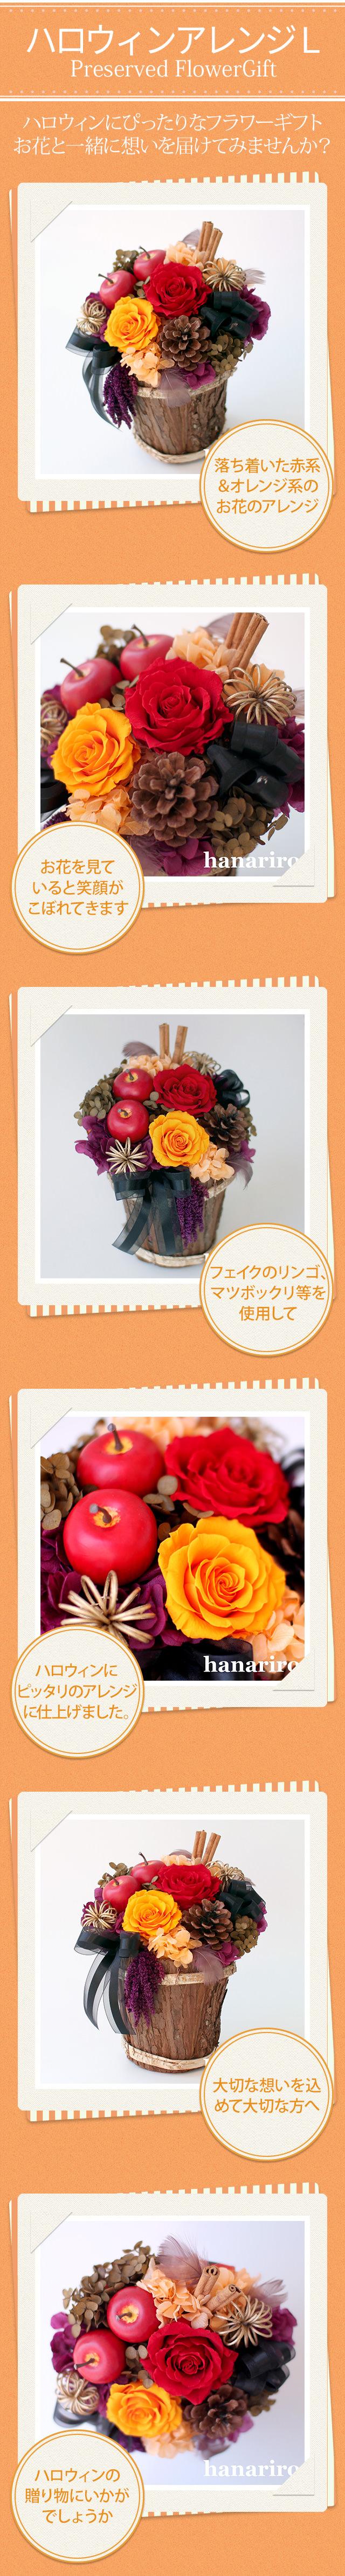 アレンジ「ハロウィンアレンジL」/プリザーブドフラワーギフト